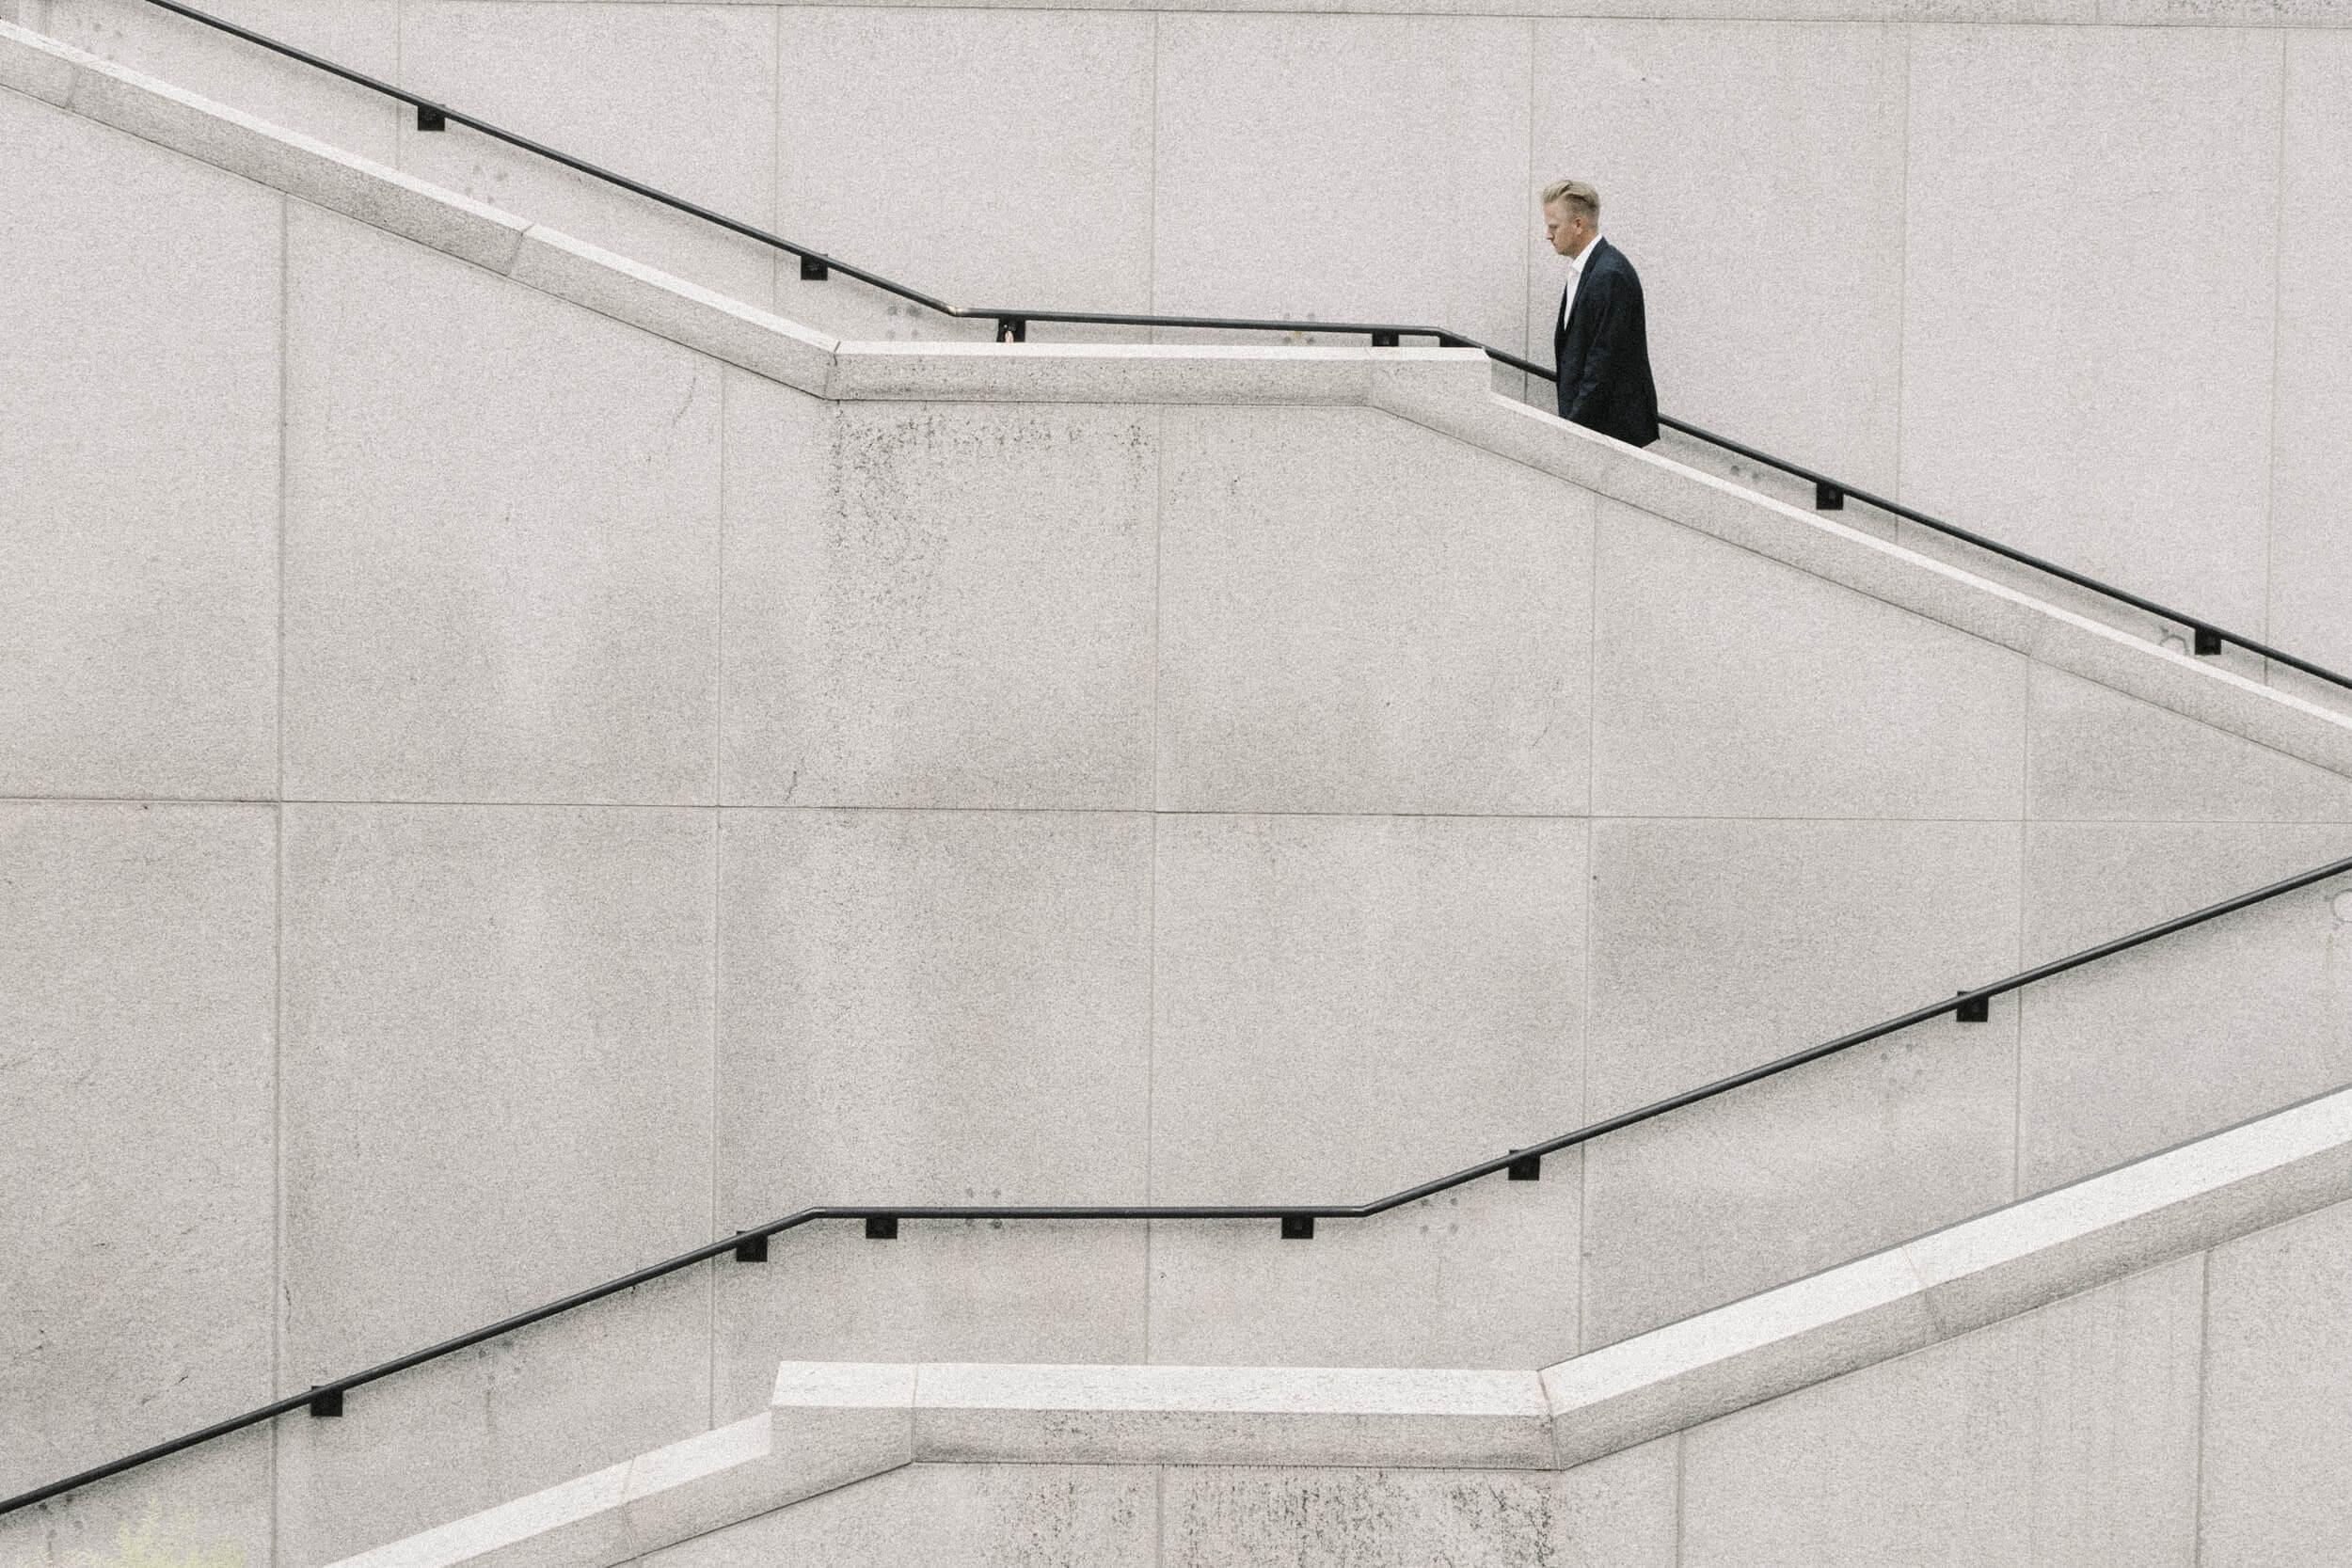 Ein Geschäftsmann für Umsetzungsorientierte Management Beratung der Treppen hoch läuft